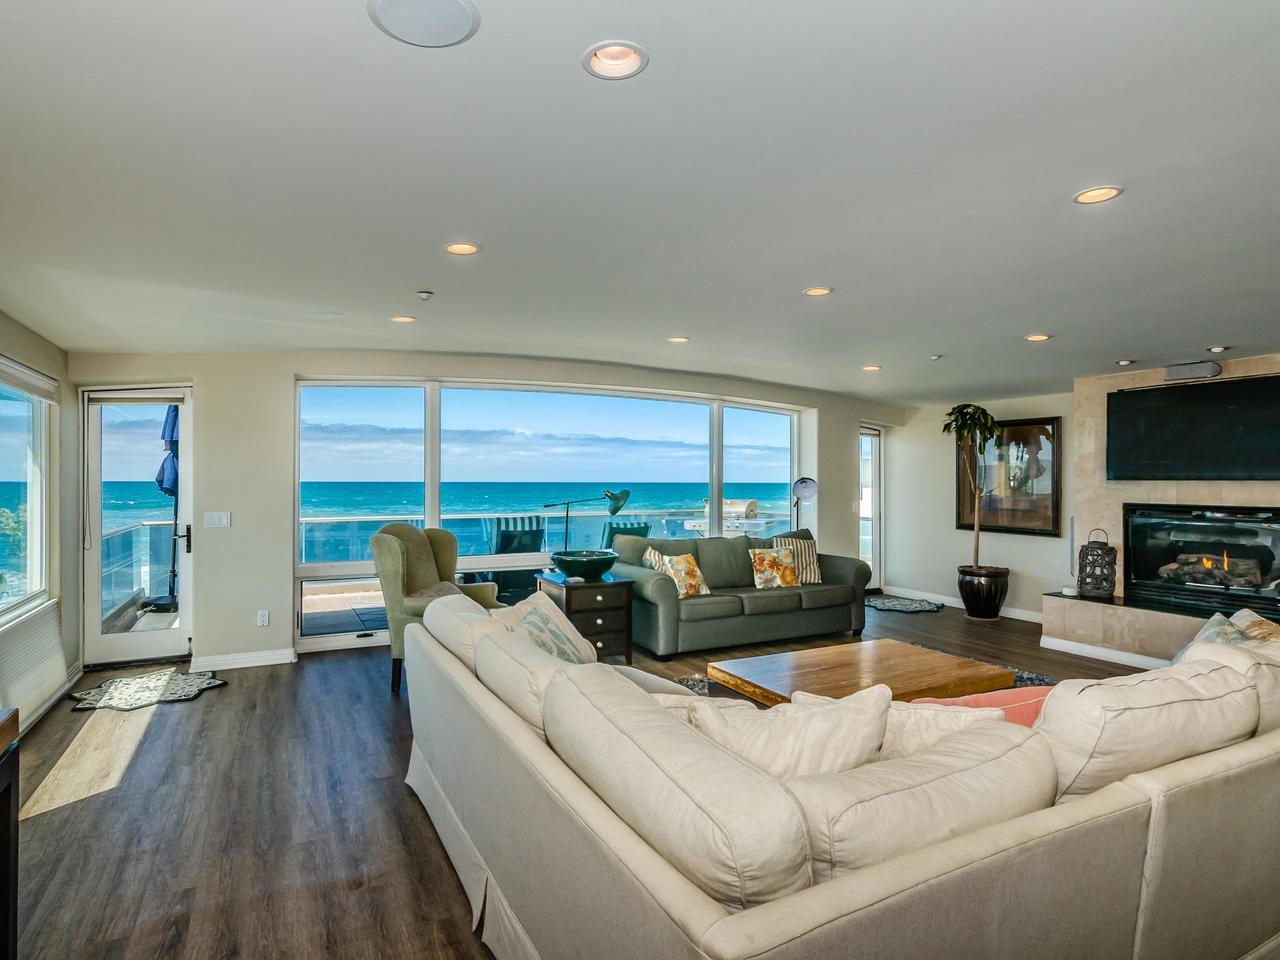 714 S Strand, Oceanside, CA 92054